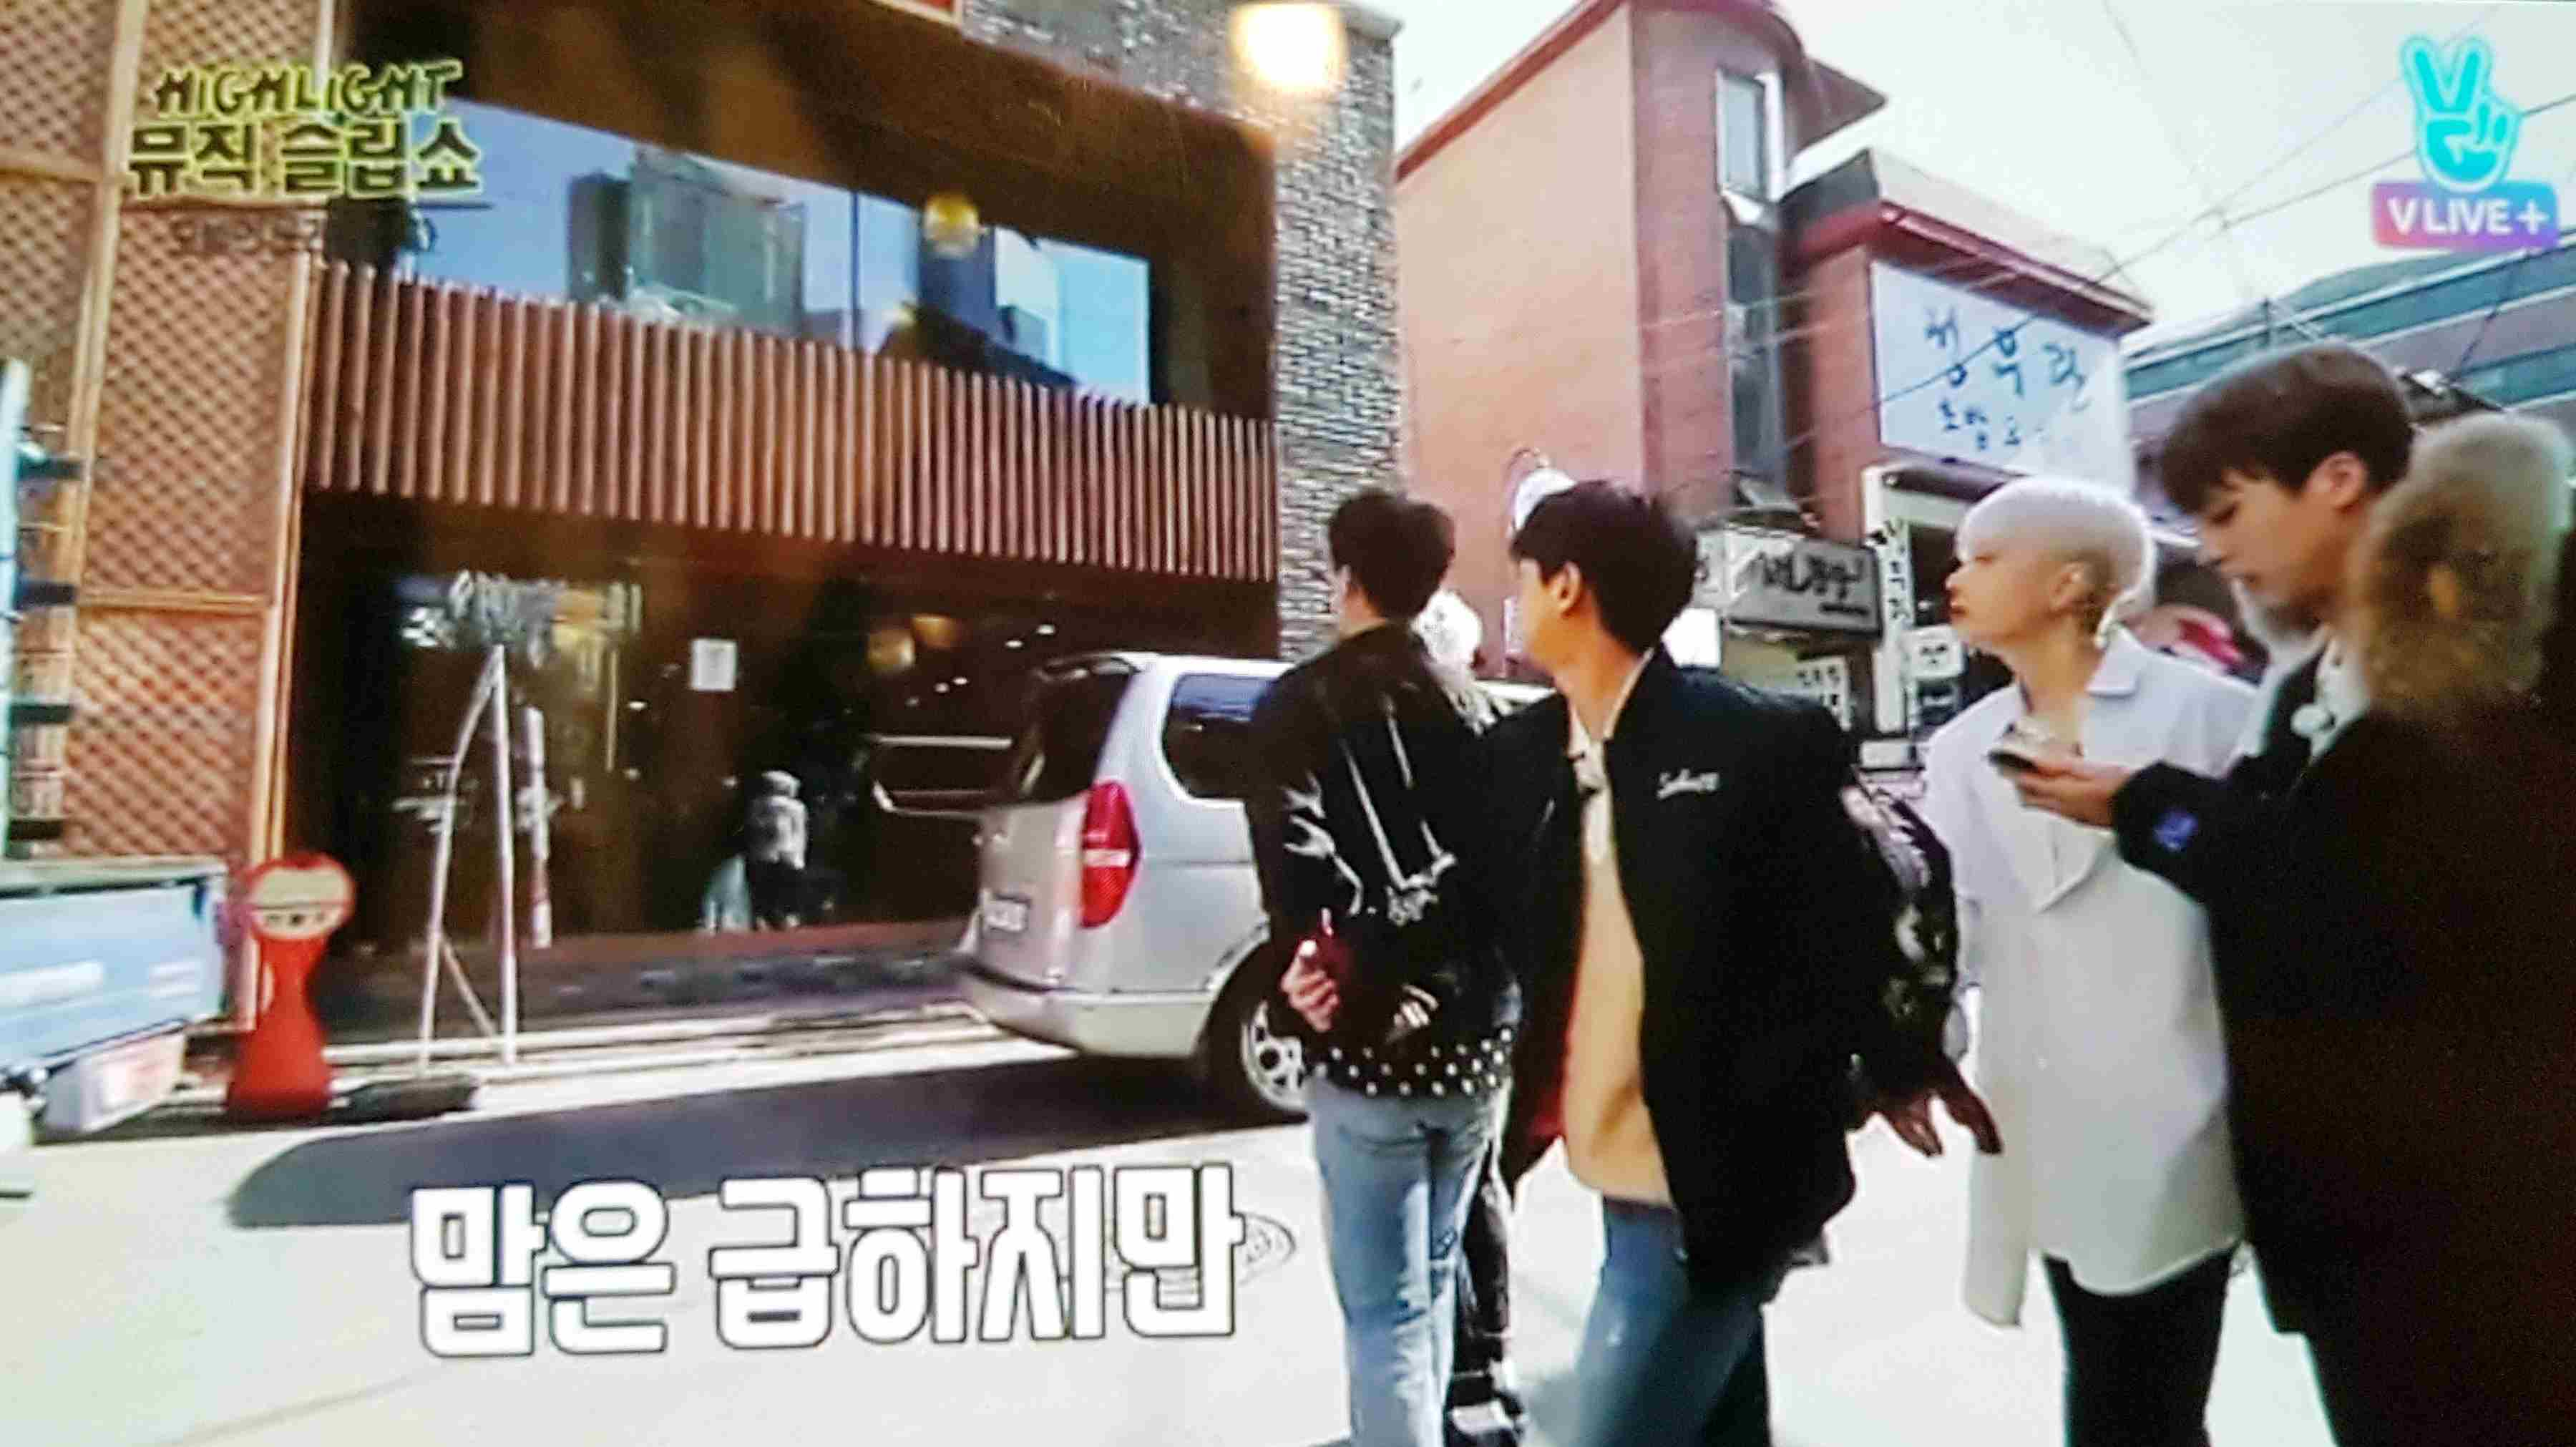 五位成員們手綁著手一起吃炸醬麵和糖醋肉的餐廳  這間餐廳的名稱是《迎賓樓》